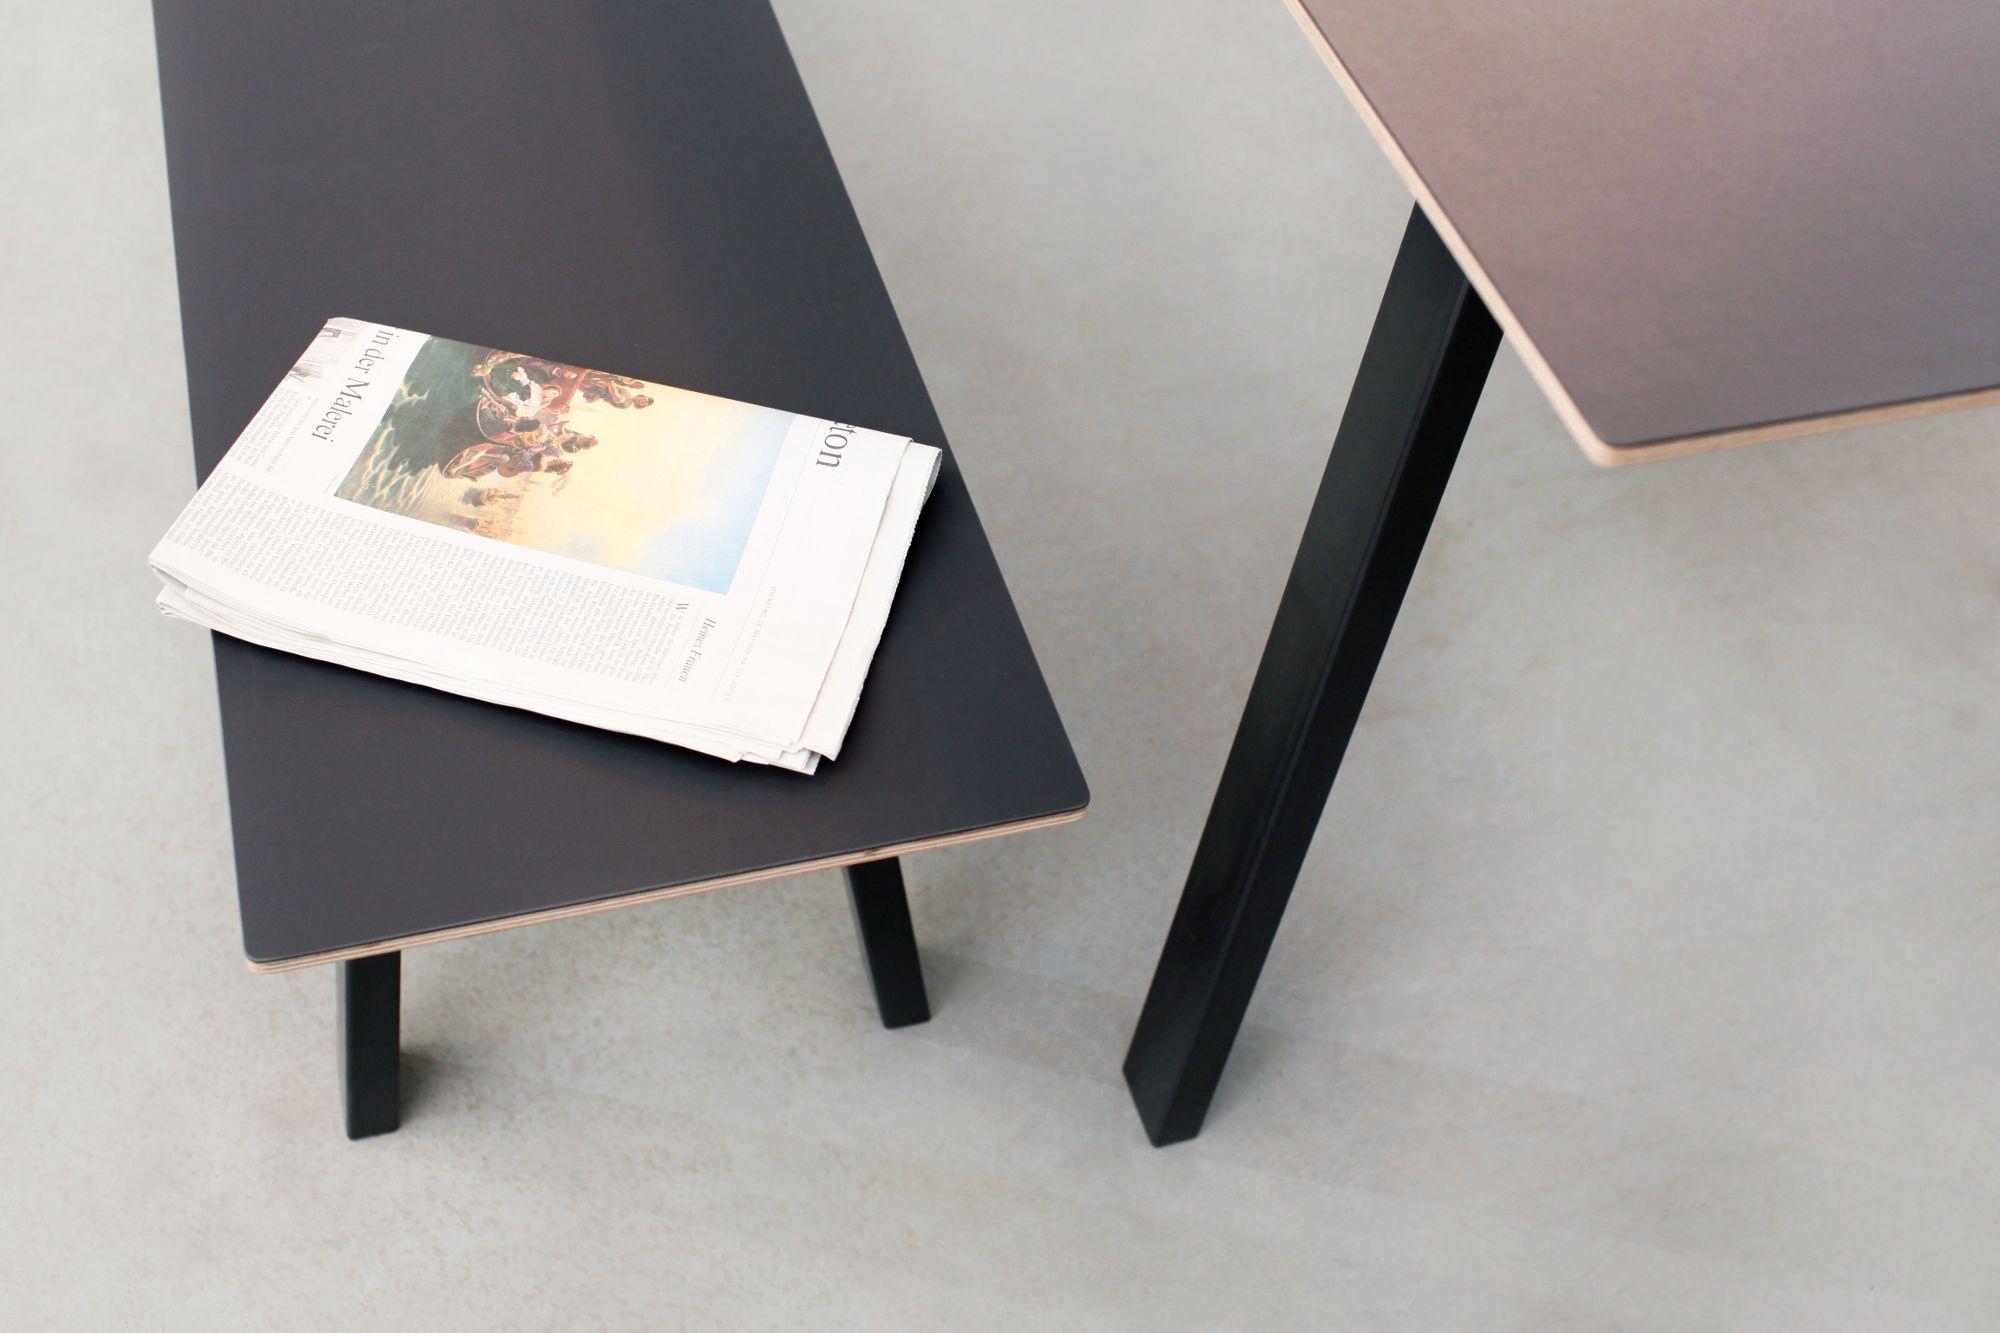 Sitzbank im skandinavischen Design mit LinoleumOberfläche